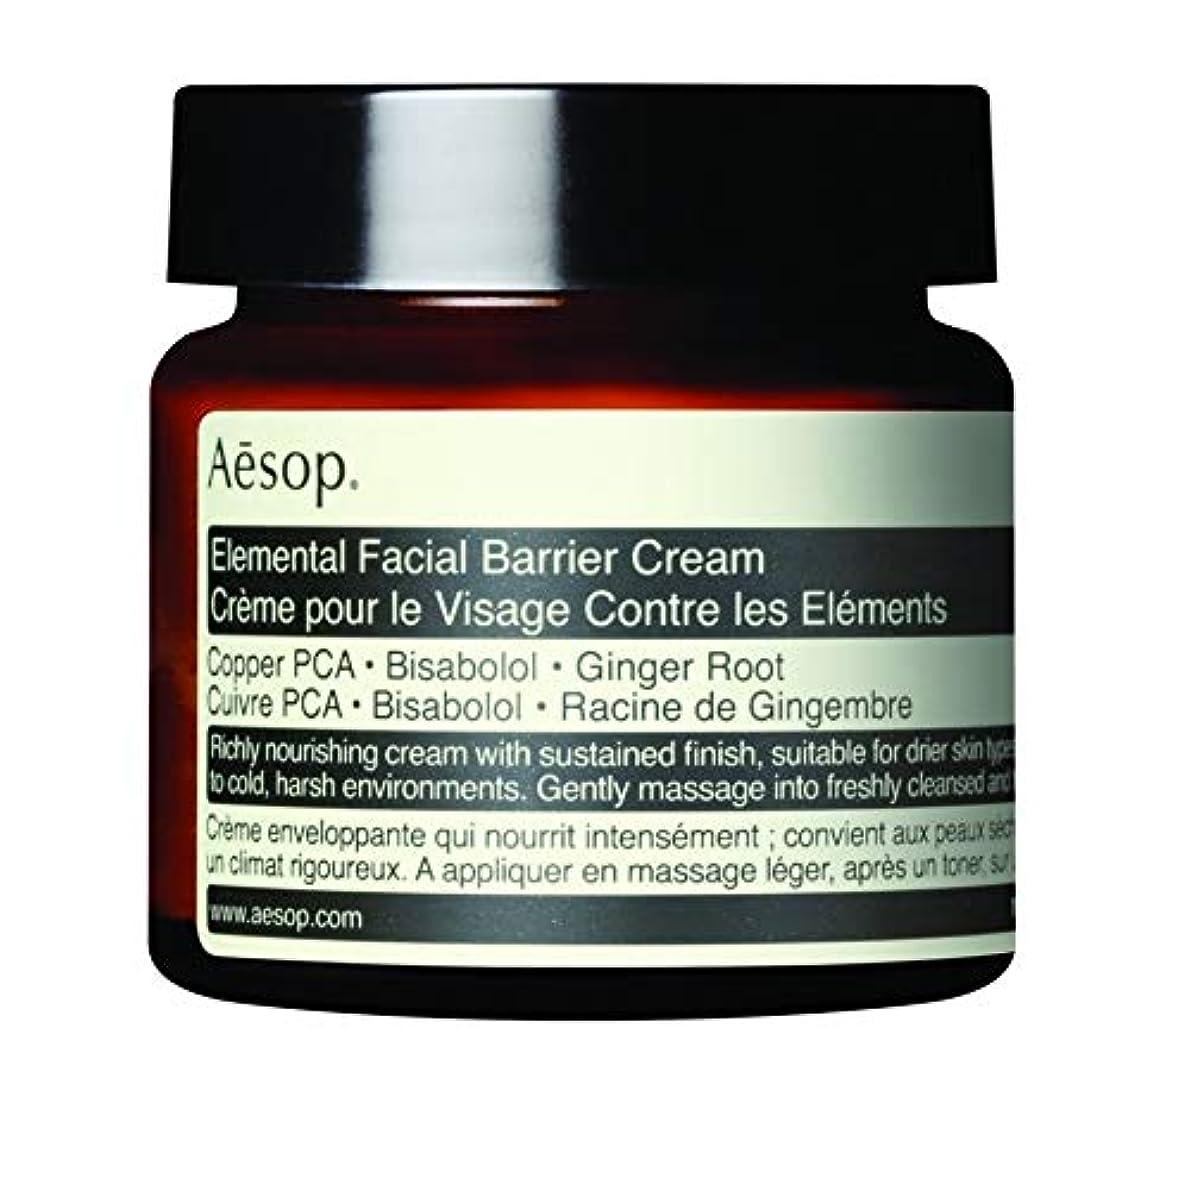 種類専門知識マニアック[Aesop ] イソップ元素フェイシャルバリアクリーム60ミリリットル - Aesop Elemental Facial Barrier Cream 60ml [並行輸入品]